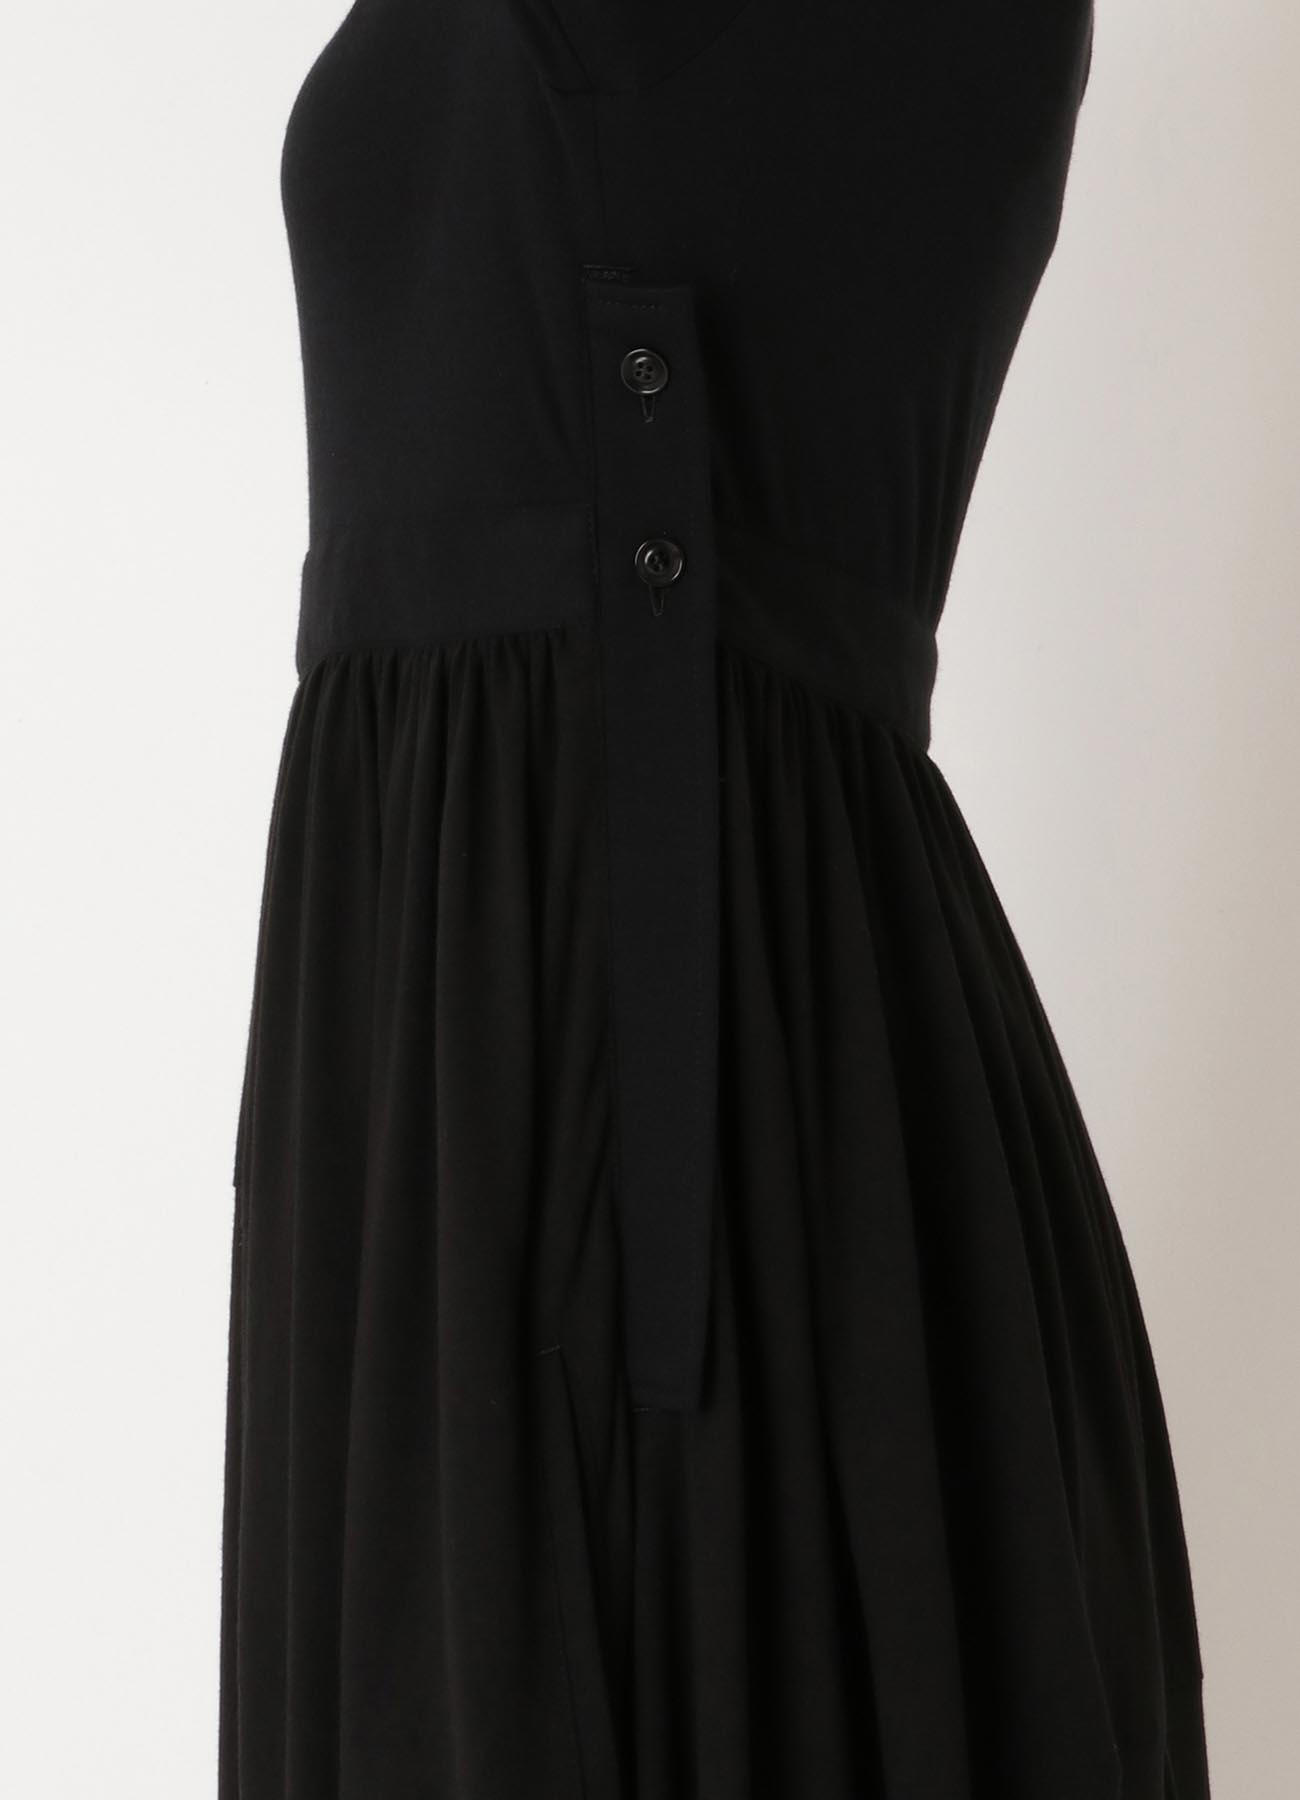 Ry/W OLIVIA SMOOTH CS GATHER DRESS